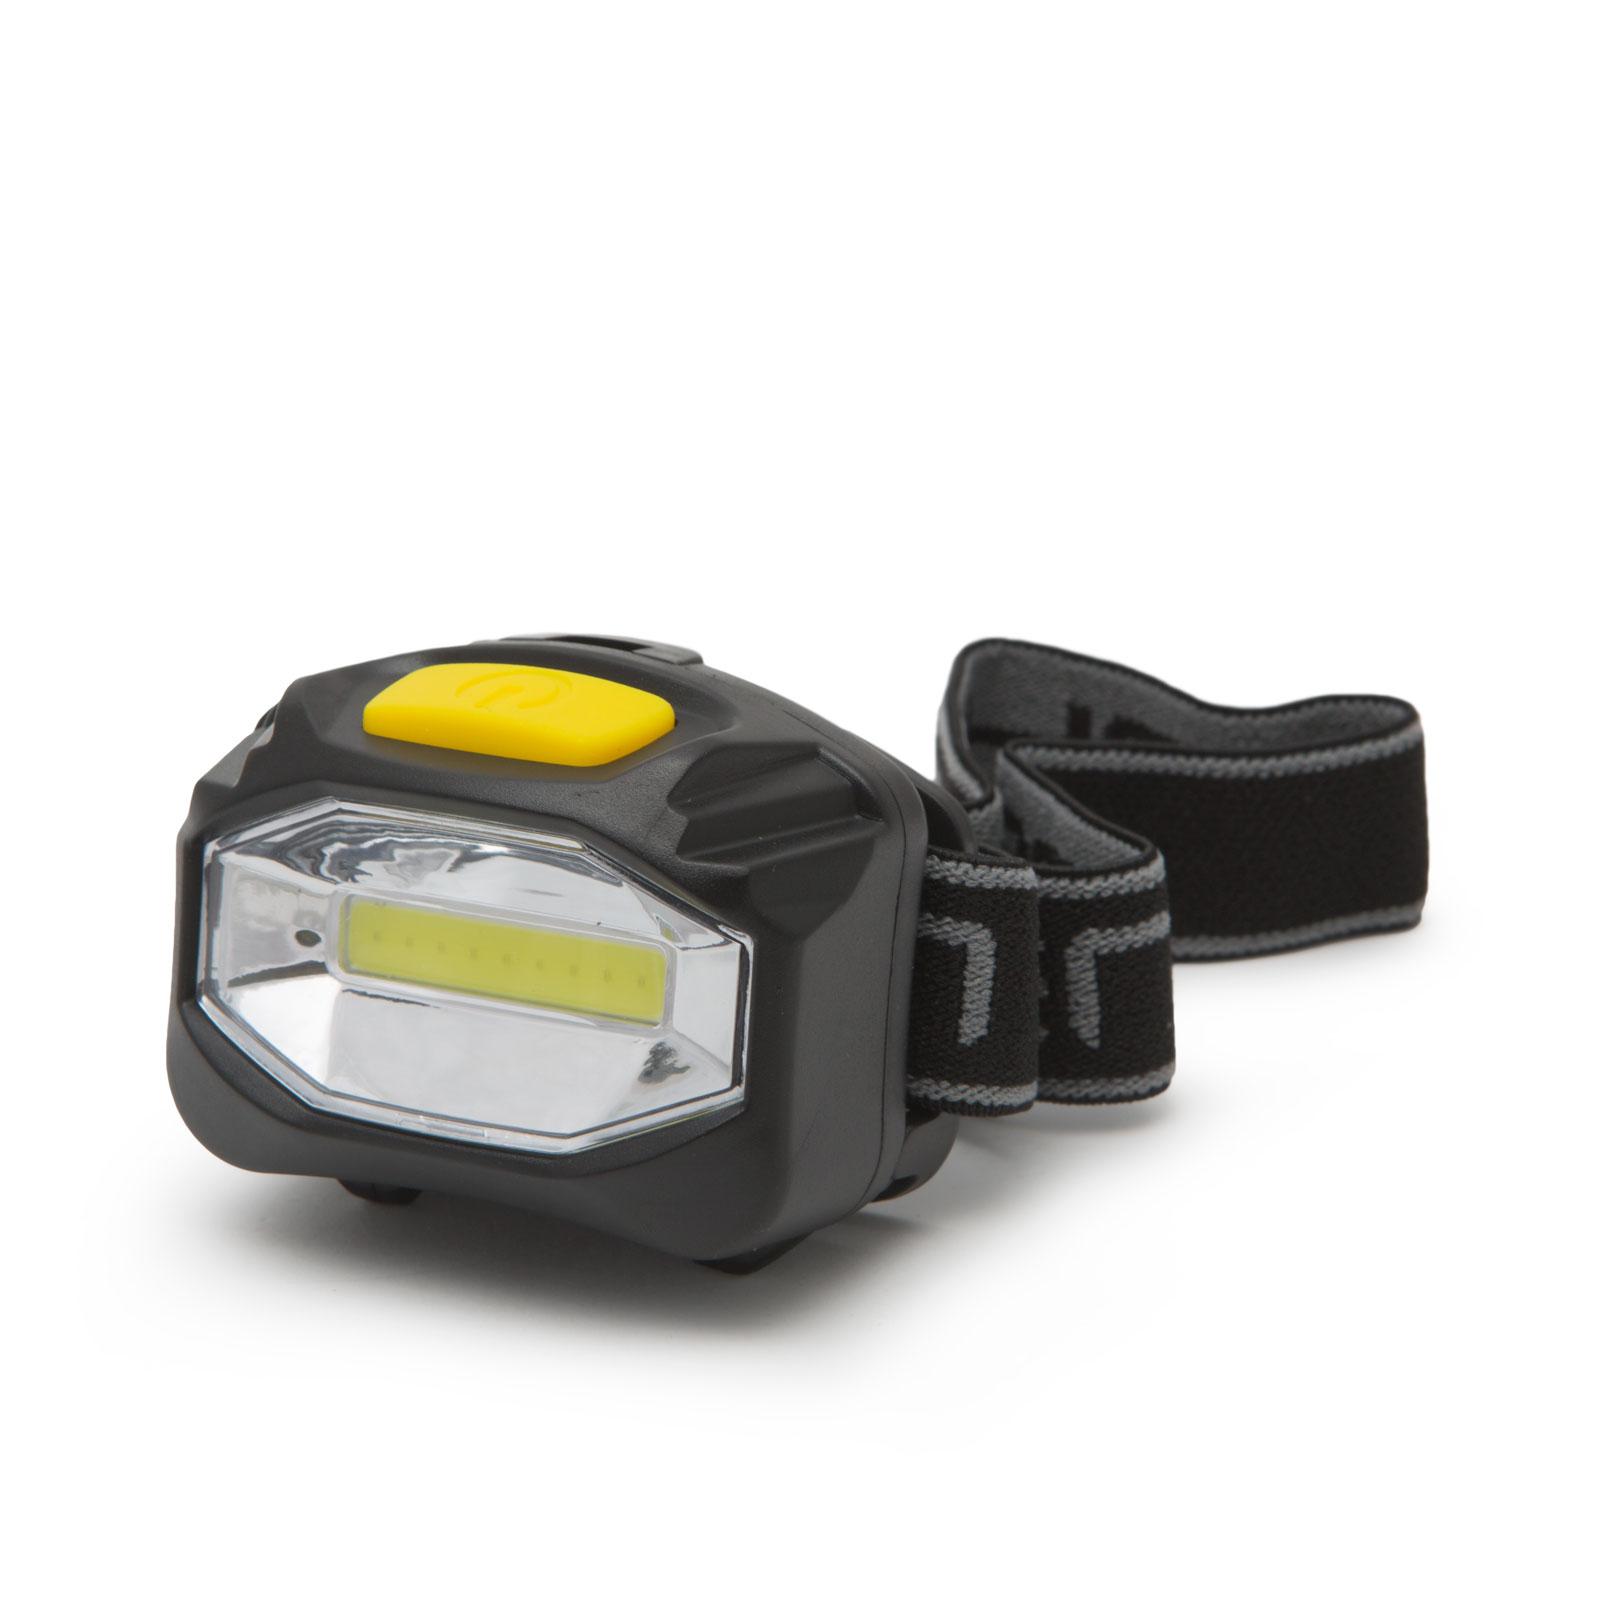 COB LED čelová lampa s vysokou svietivosťou - na batérie - 12 ks   displej 64fd99be1de